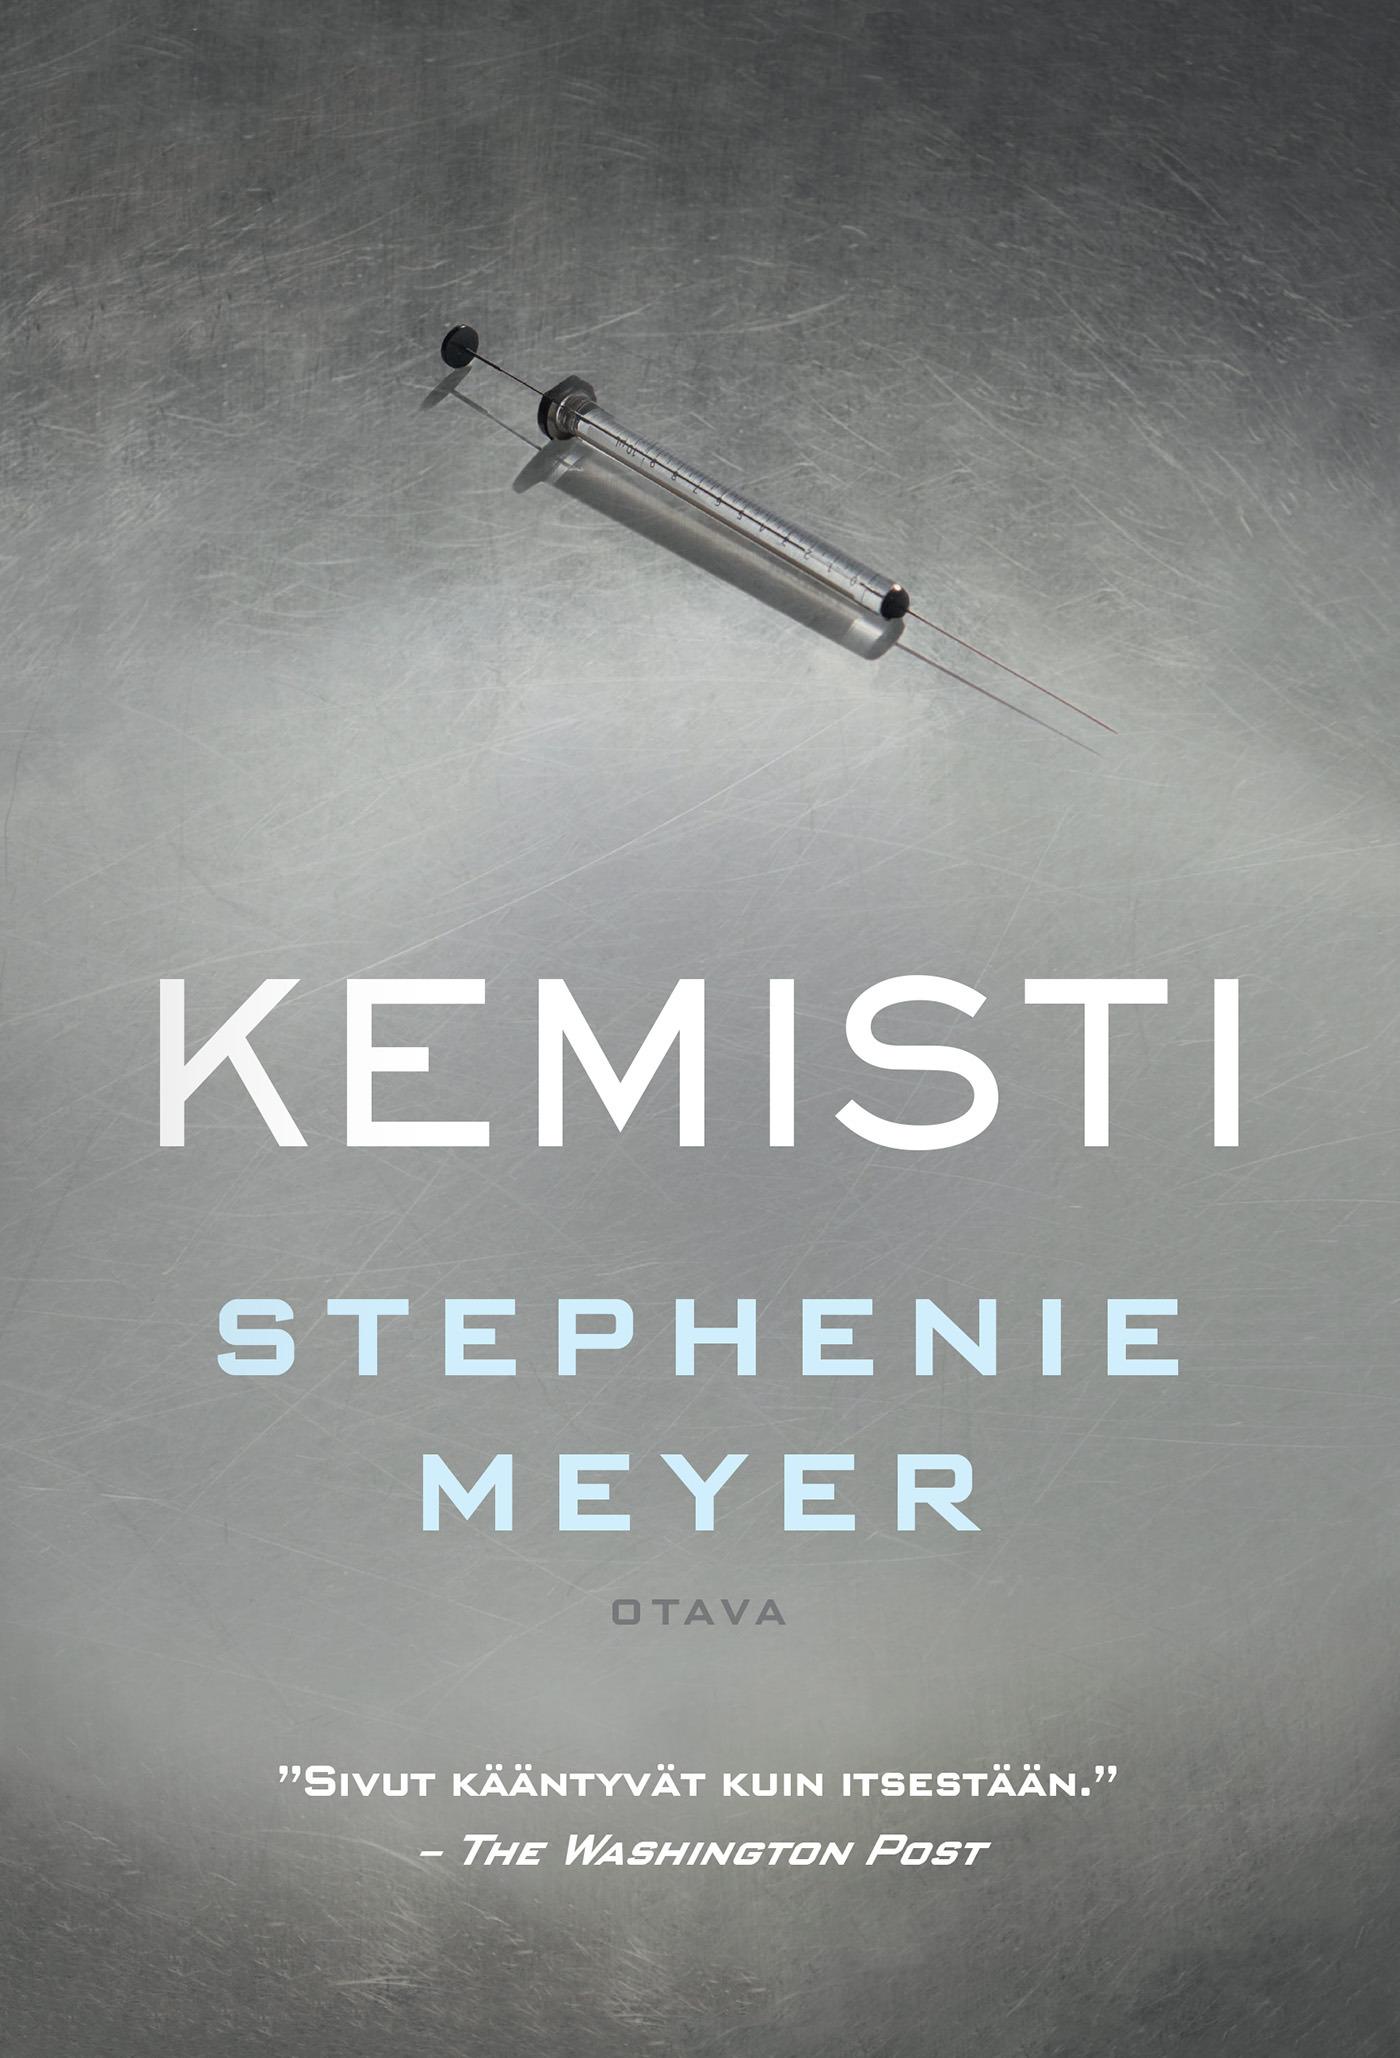 Meyer, Stephenie - Kemisti, e-kirja